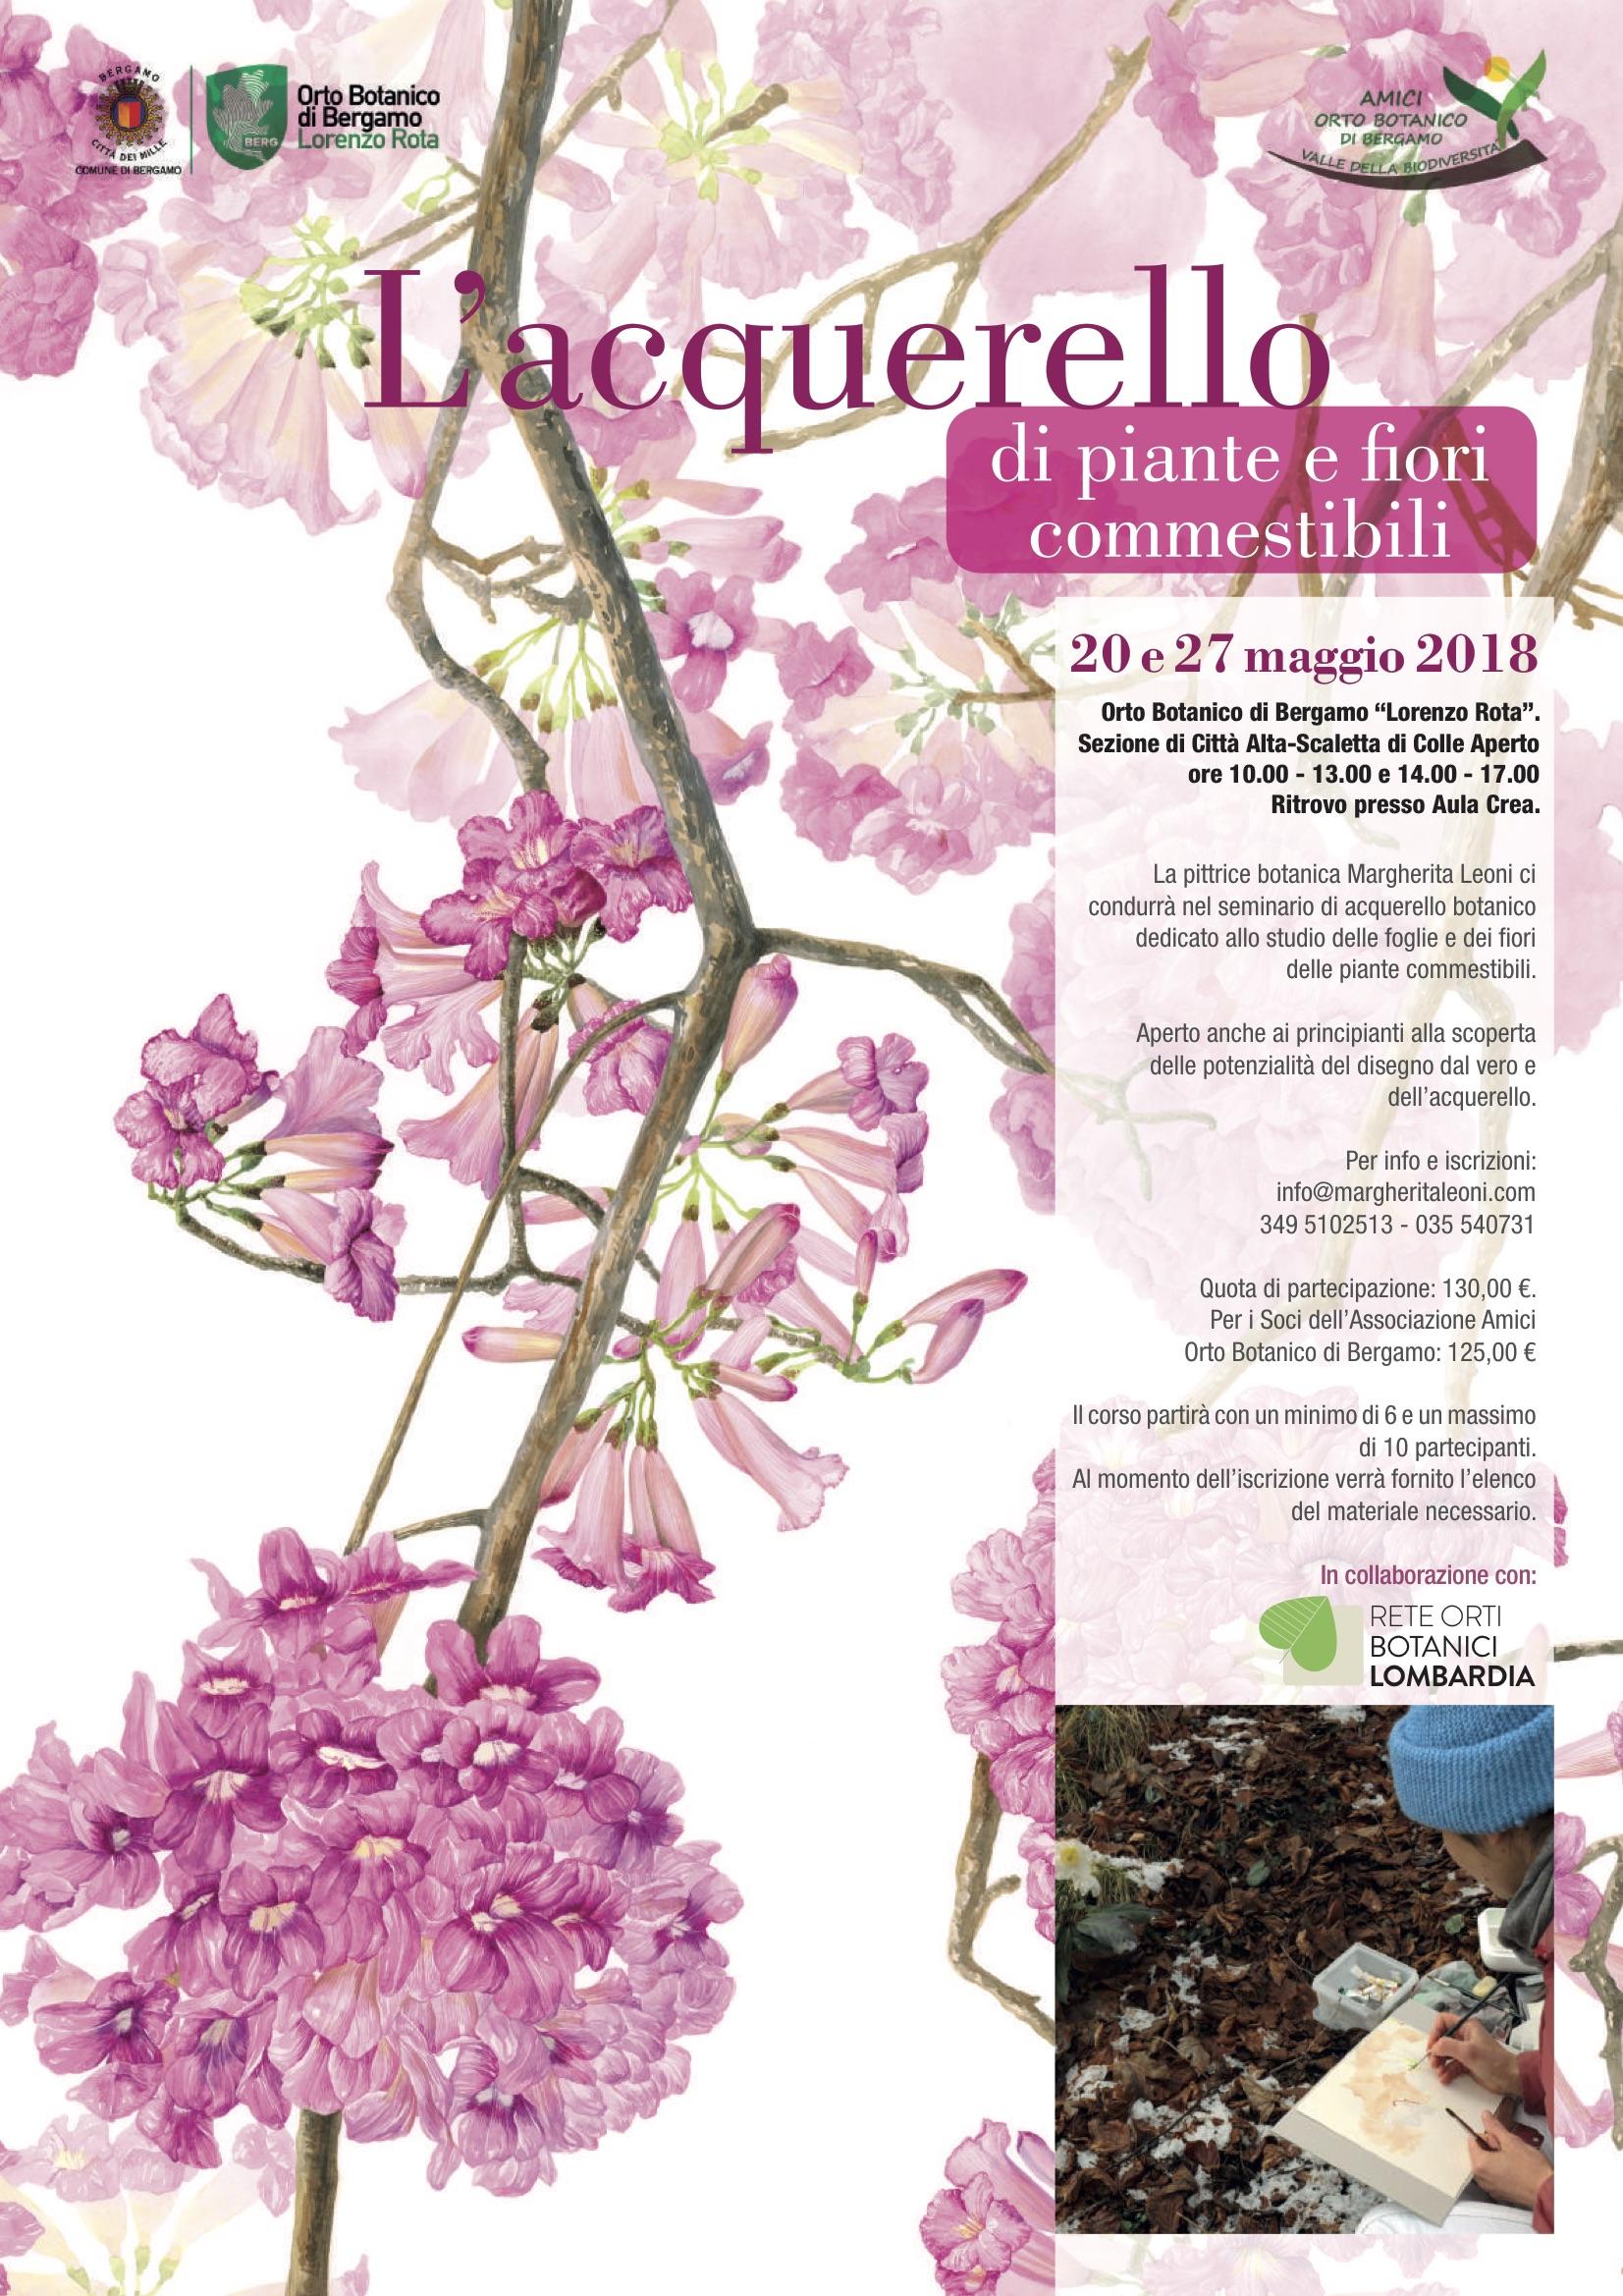 Fiori E Piante Commestibili l'acquerello di piante e fiori commestibili | orto botanico